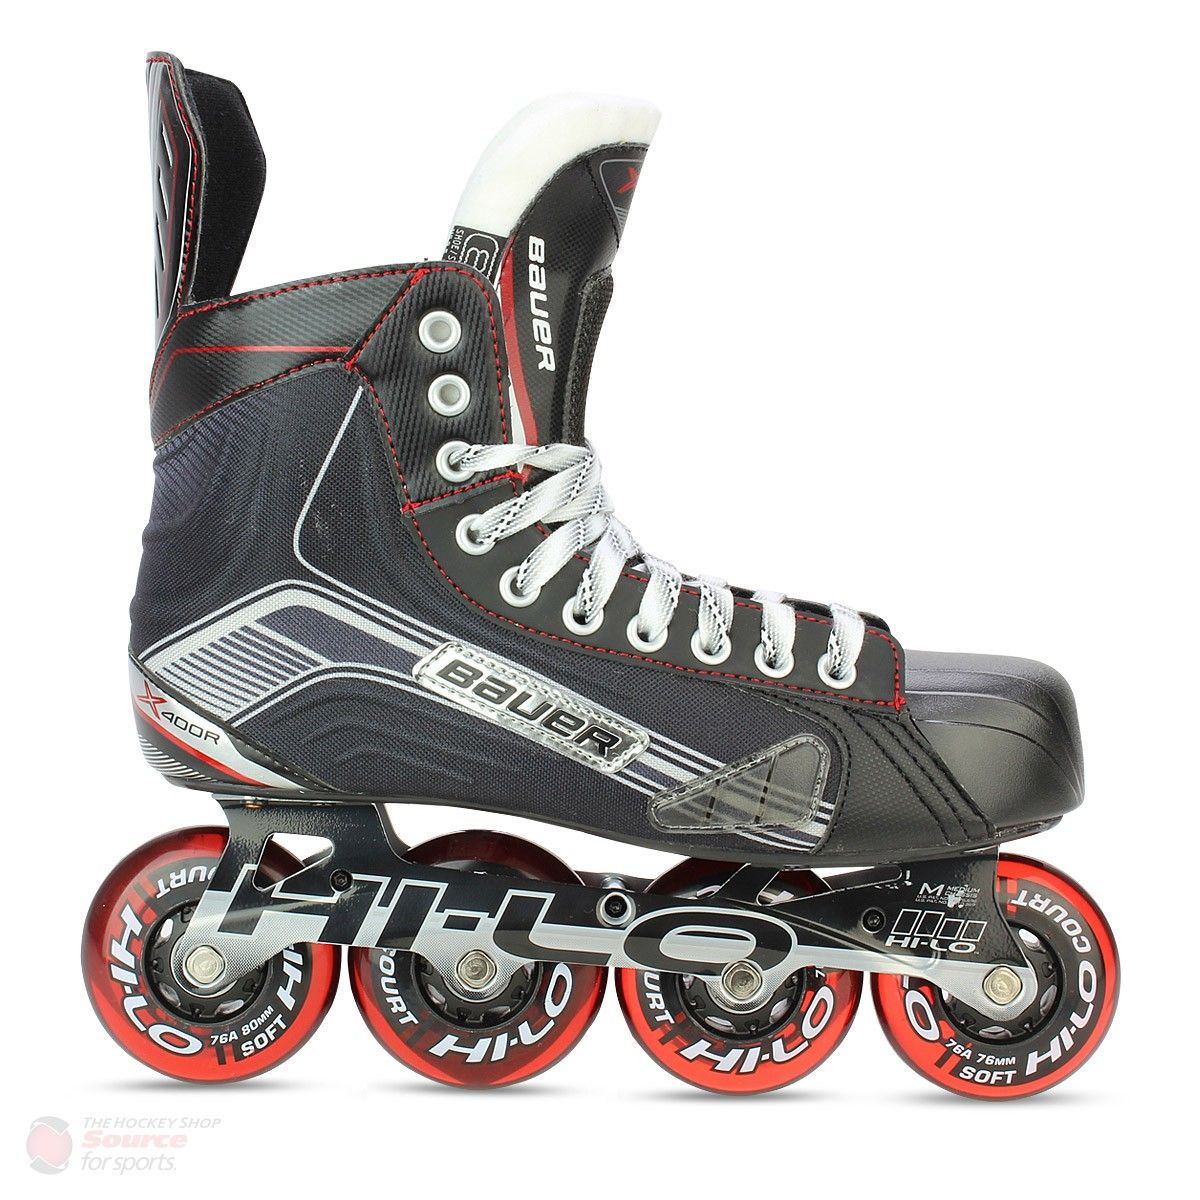 Advertisement Ebay Tour Max 700 Inline Street Hockey Skates Rollerblades Labeda 80mm Wheels Size 10 In 2020 Street Hockey Skate Inline